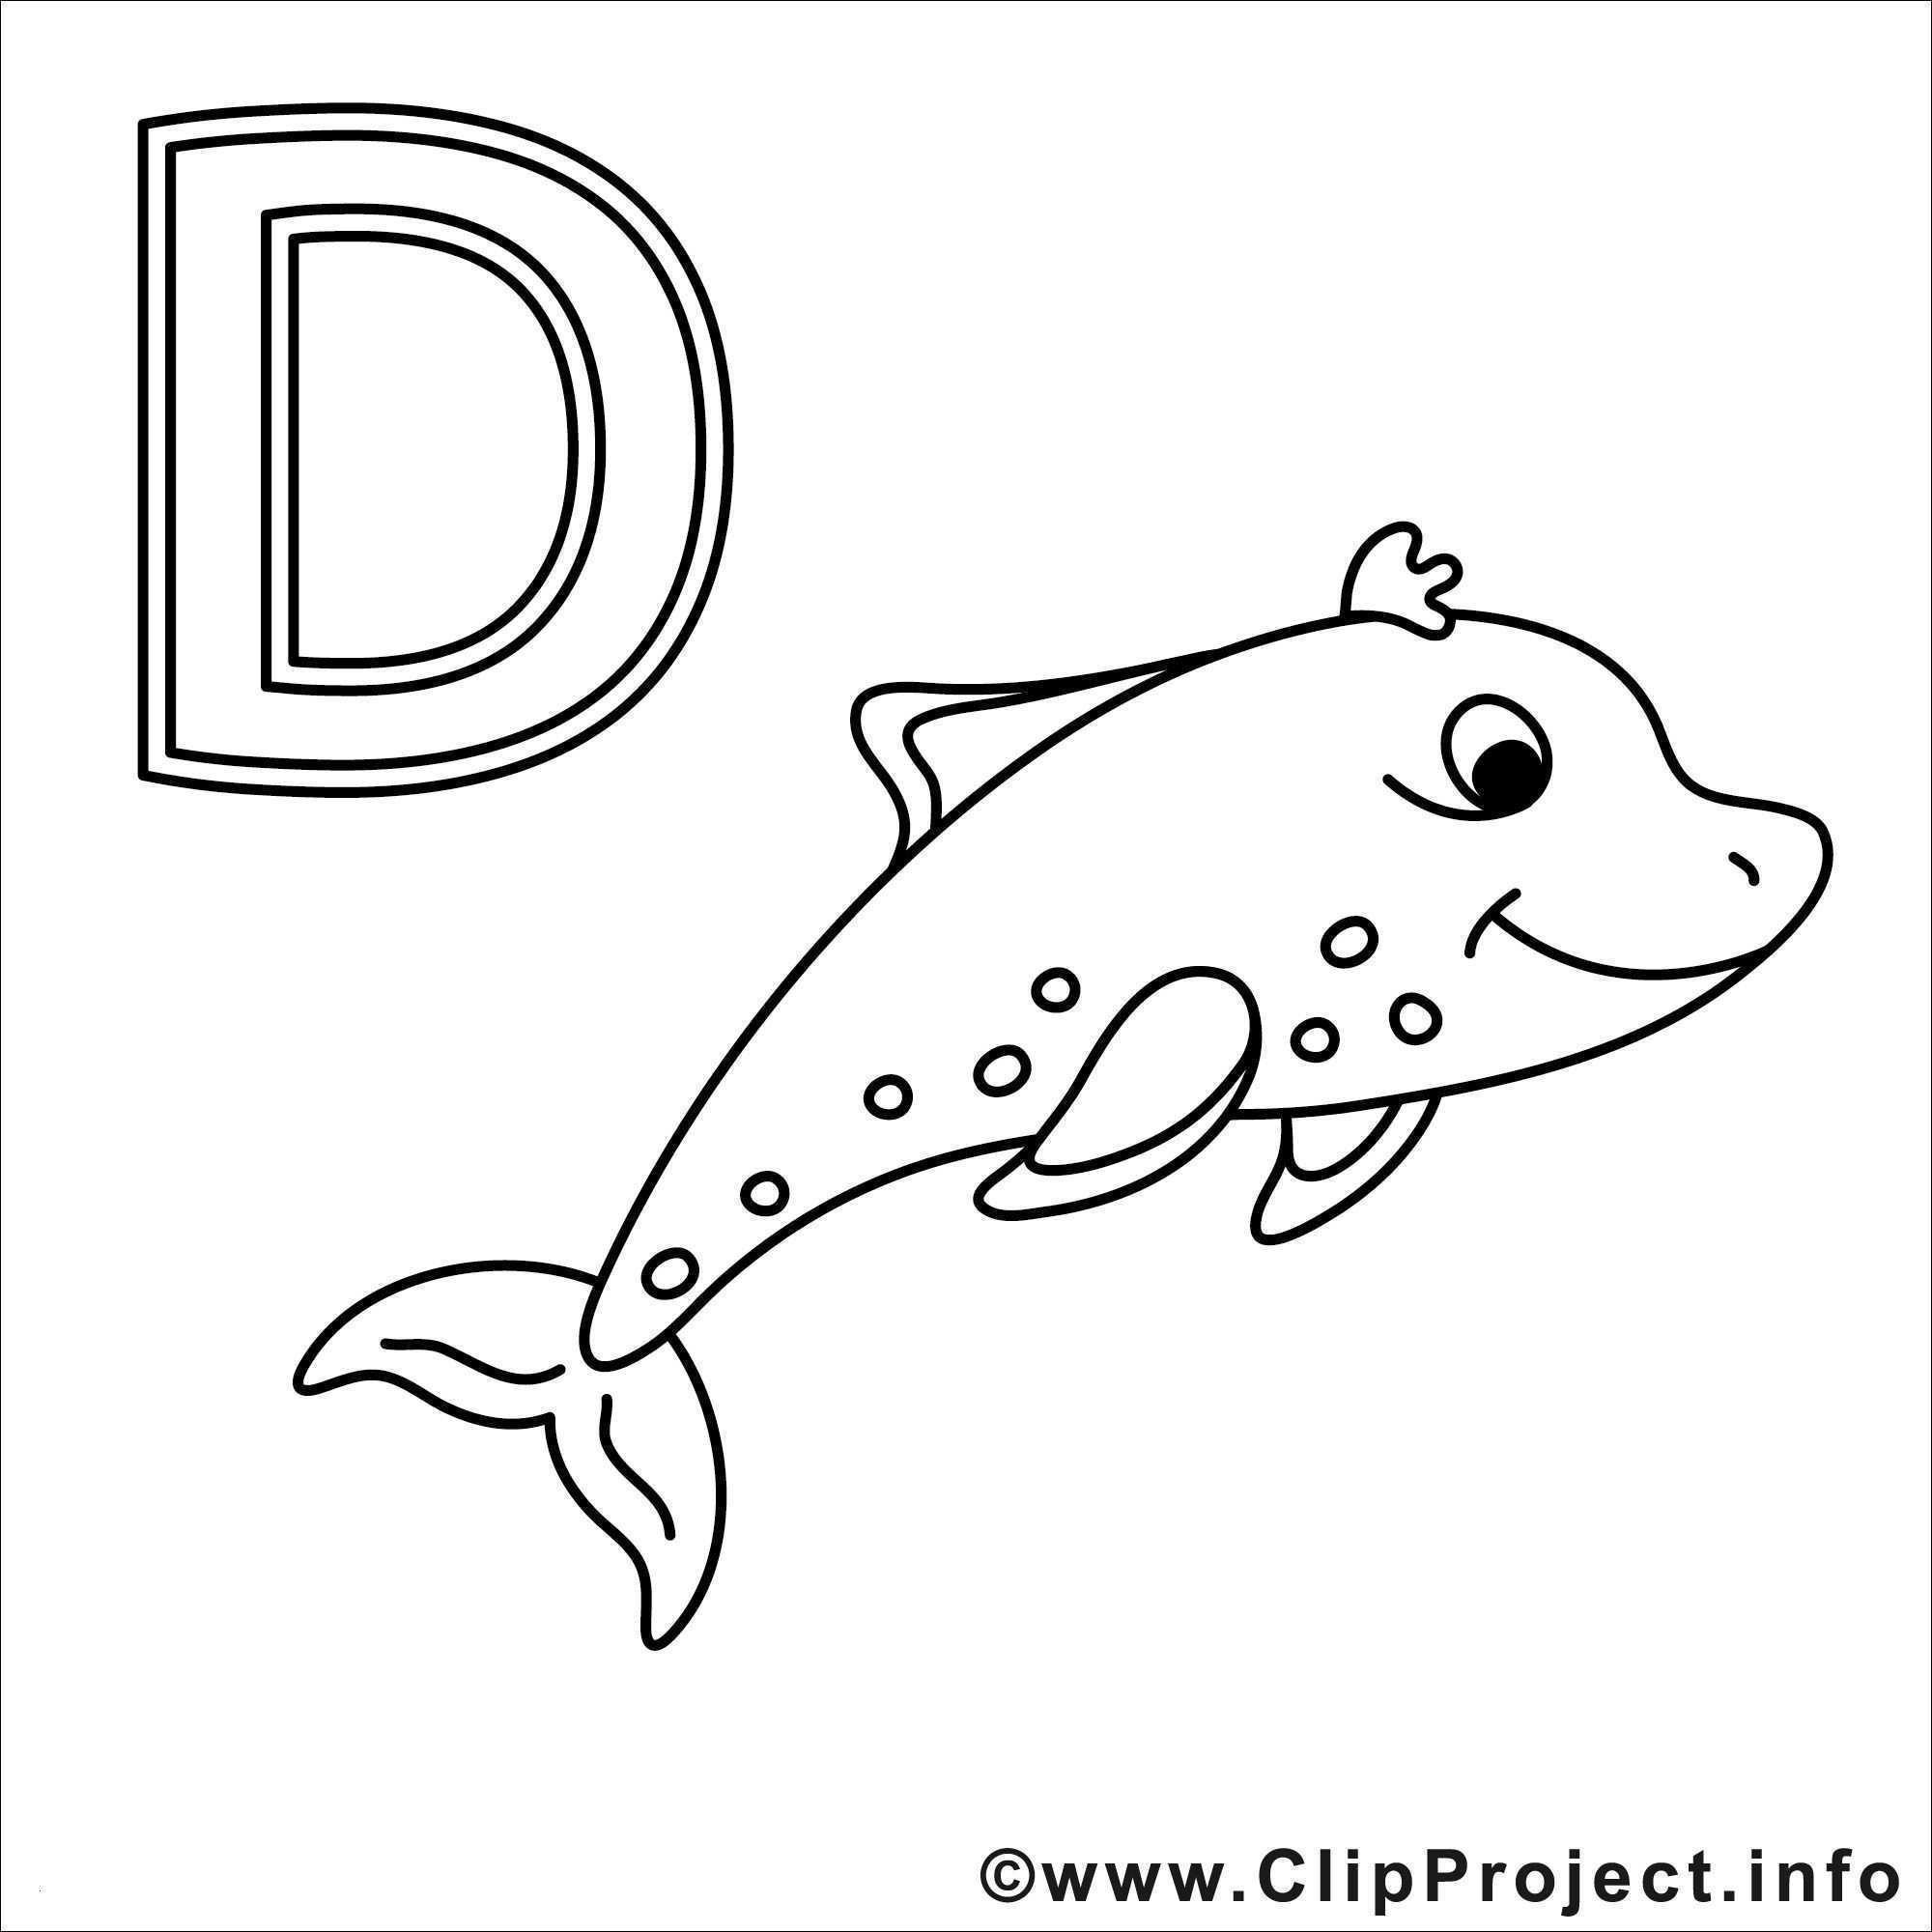 Ausmalbilder Delphine Zum Ausdrucken Genial Ausmalbilder Delfine Zum Ausdrucken Image Malvorlagen Delfine Und Stock